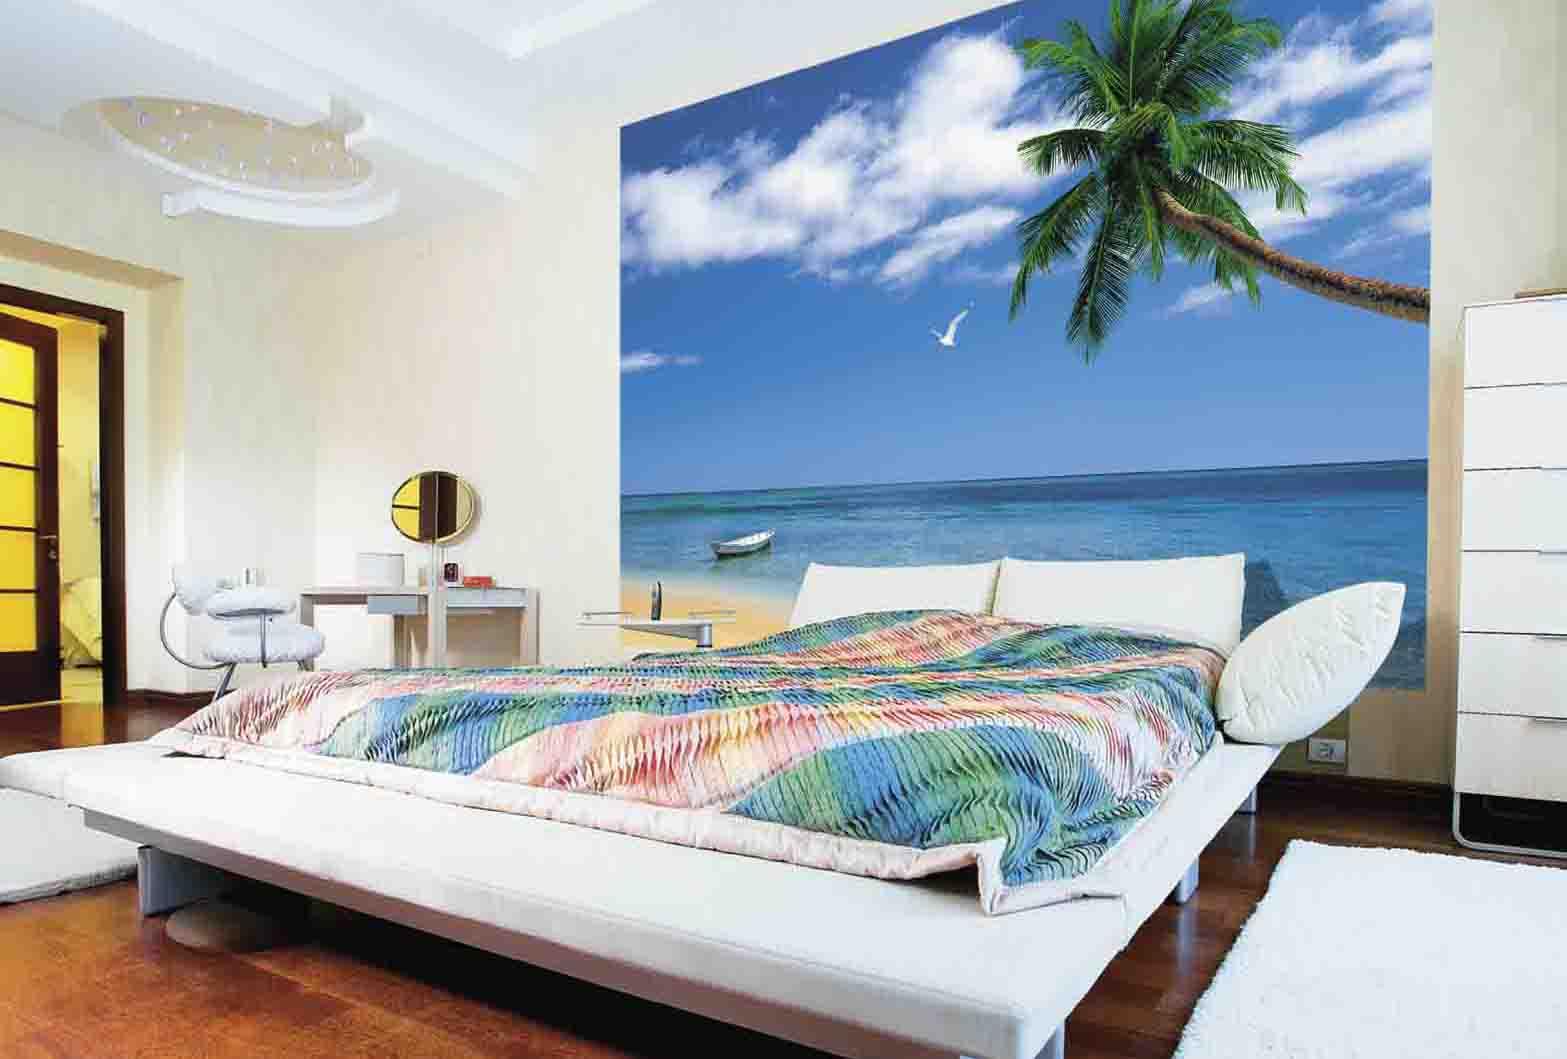 Фотообои с видом на пляж в интерьере спальни